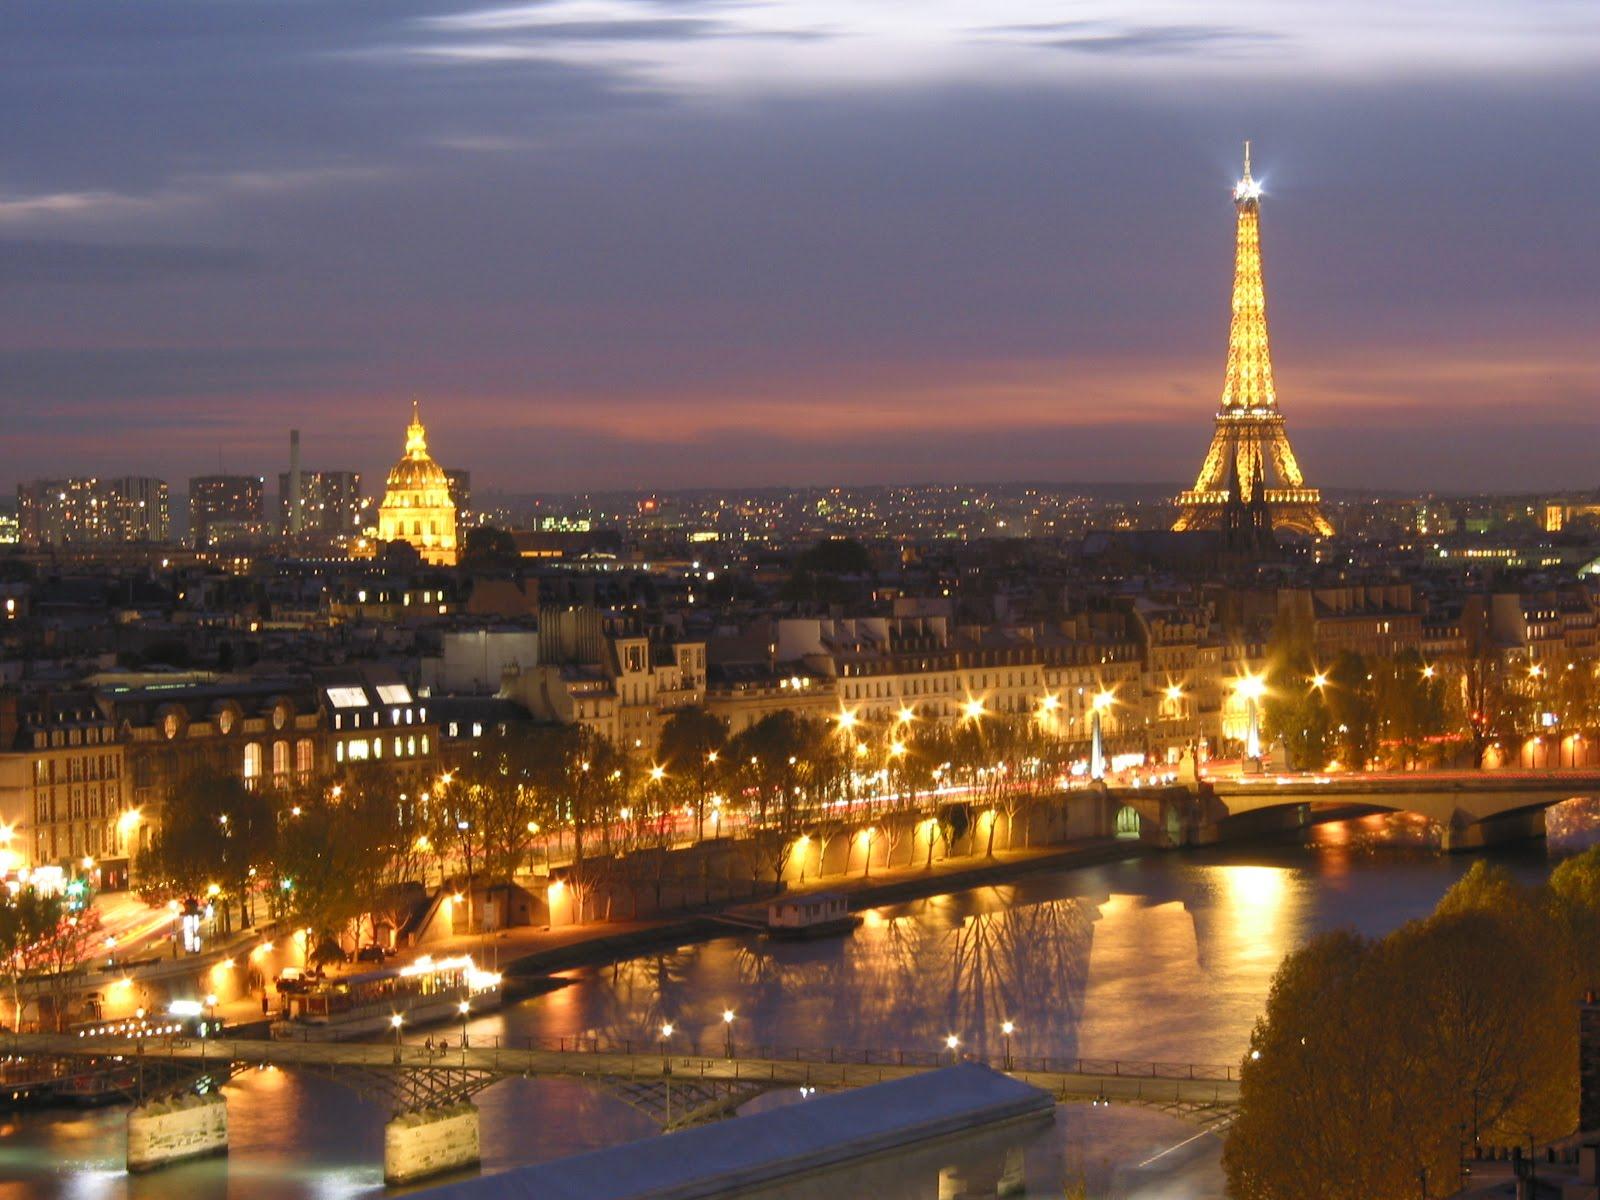 http://1.bp.blogspot.com/_0AeyBhLwv74/TI-BtLbHmcI/AAAAAAAAAiU/I9m6loZvdRI/s1600/paris_night.jpg